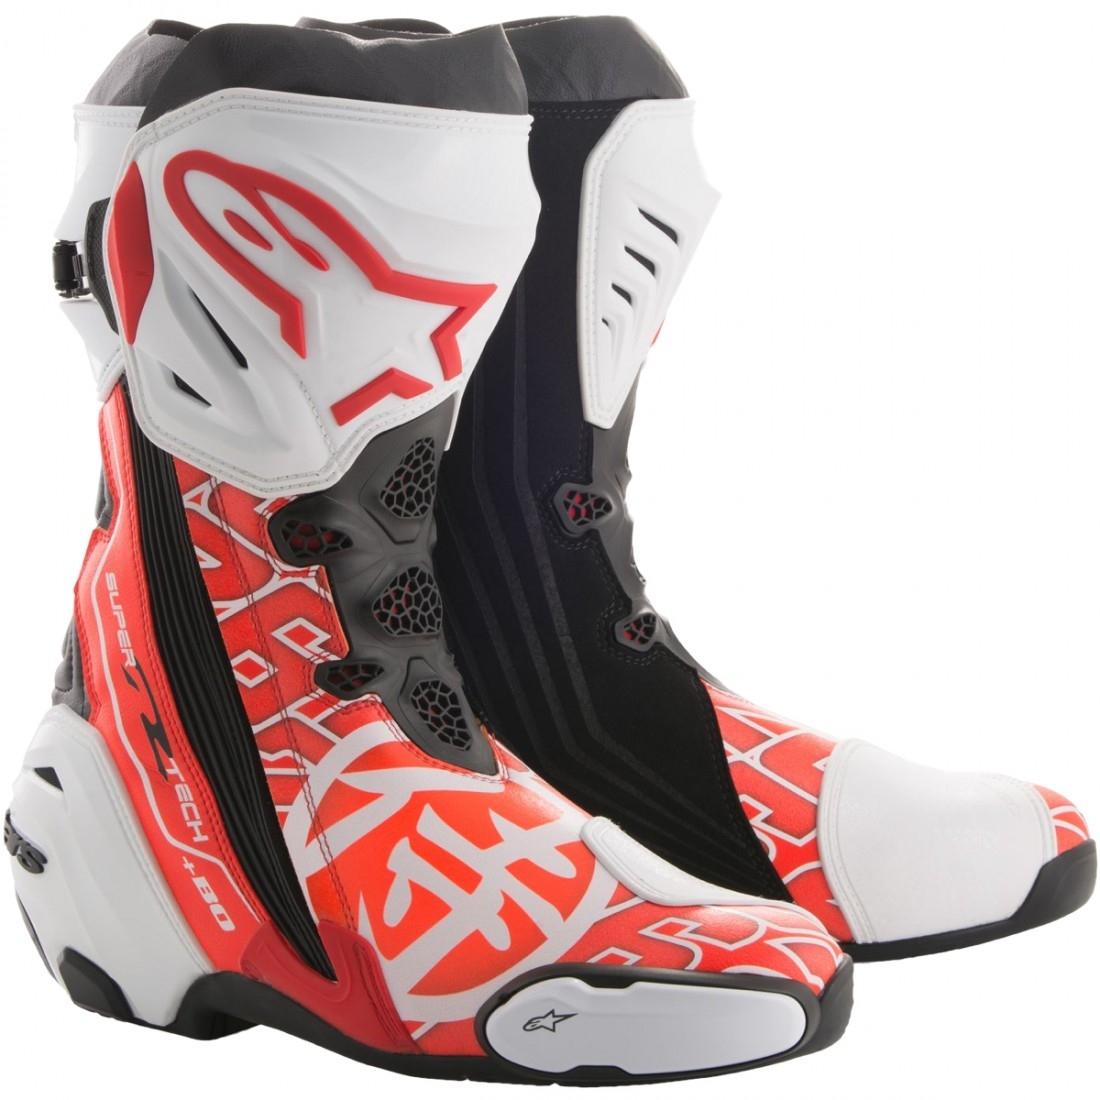 Topánky SUPERTECH R SAMURAI REPLIKA DANI PEDROSA, ALPINESTARS (biele/červené fluo/šedé/čierne/ perforovaná koža)